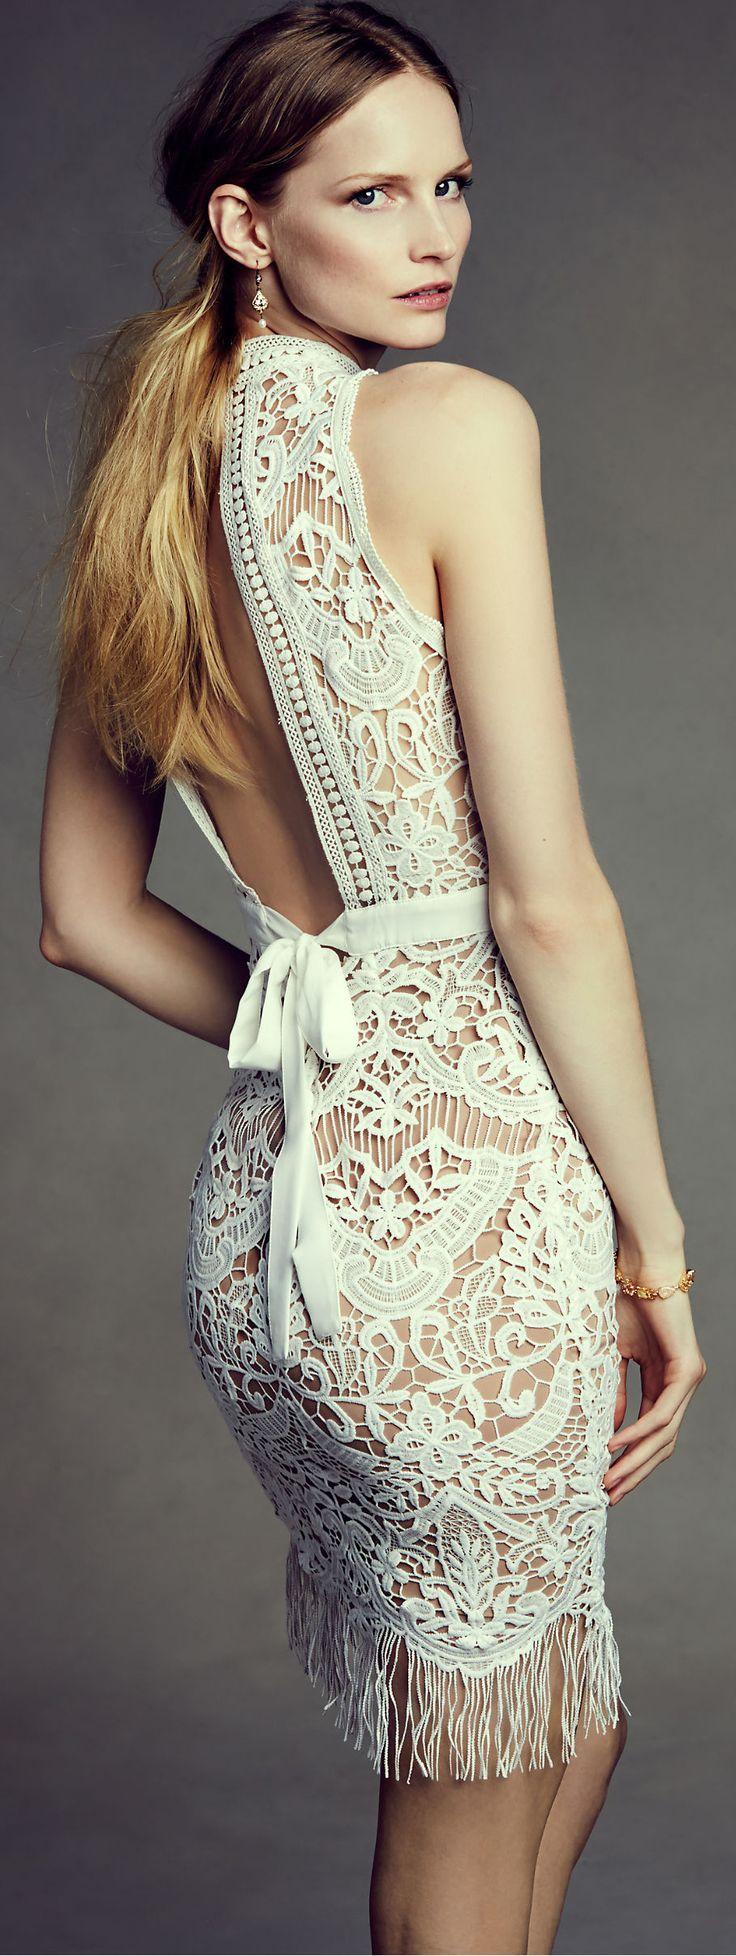 Lace Cocktail Dress  PARTY DRESSES  Pinterest  UX/UI Designer ...